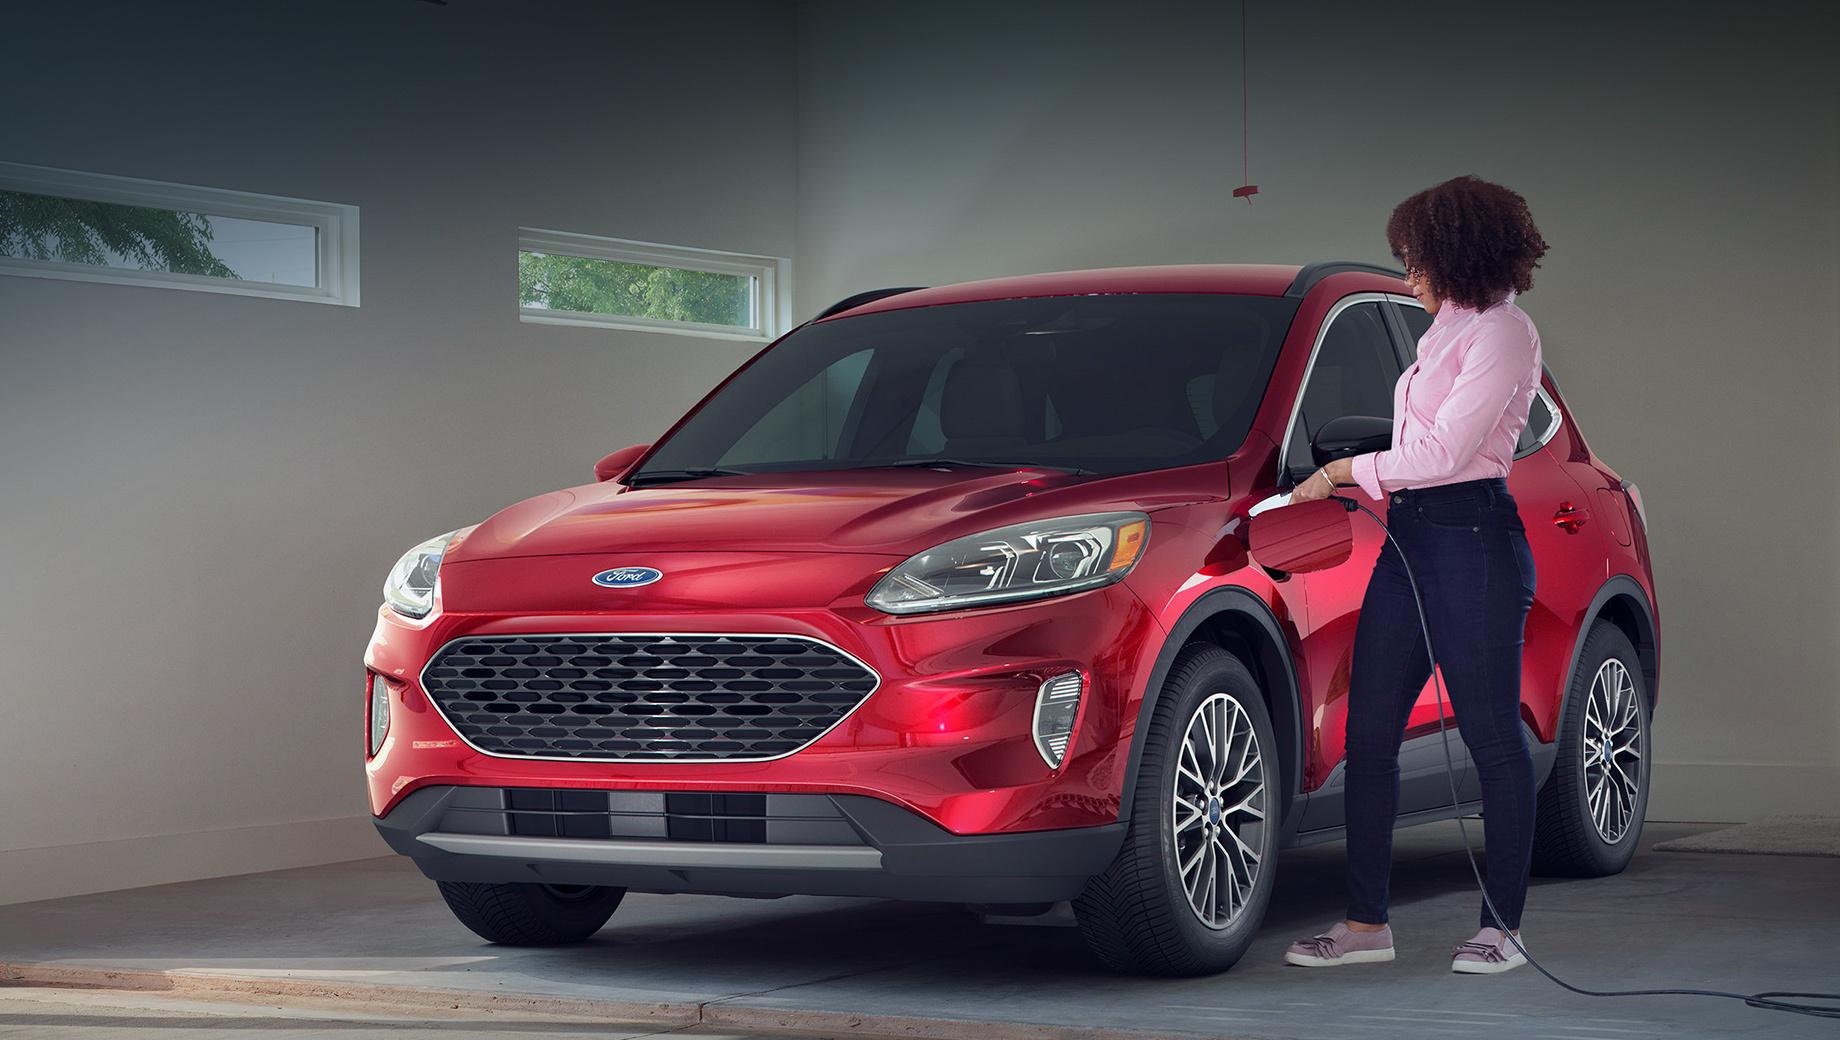 Ford escape. Подзаряжаемый Ford Escape можно наполнять энергией как от 110-вольтовой розетки, так и от 240-вольтовой. В первом случае процесс полной зарядки займёт 10–11 часов, во втором случае — 3,5 часа.